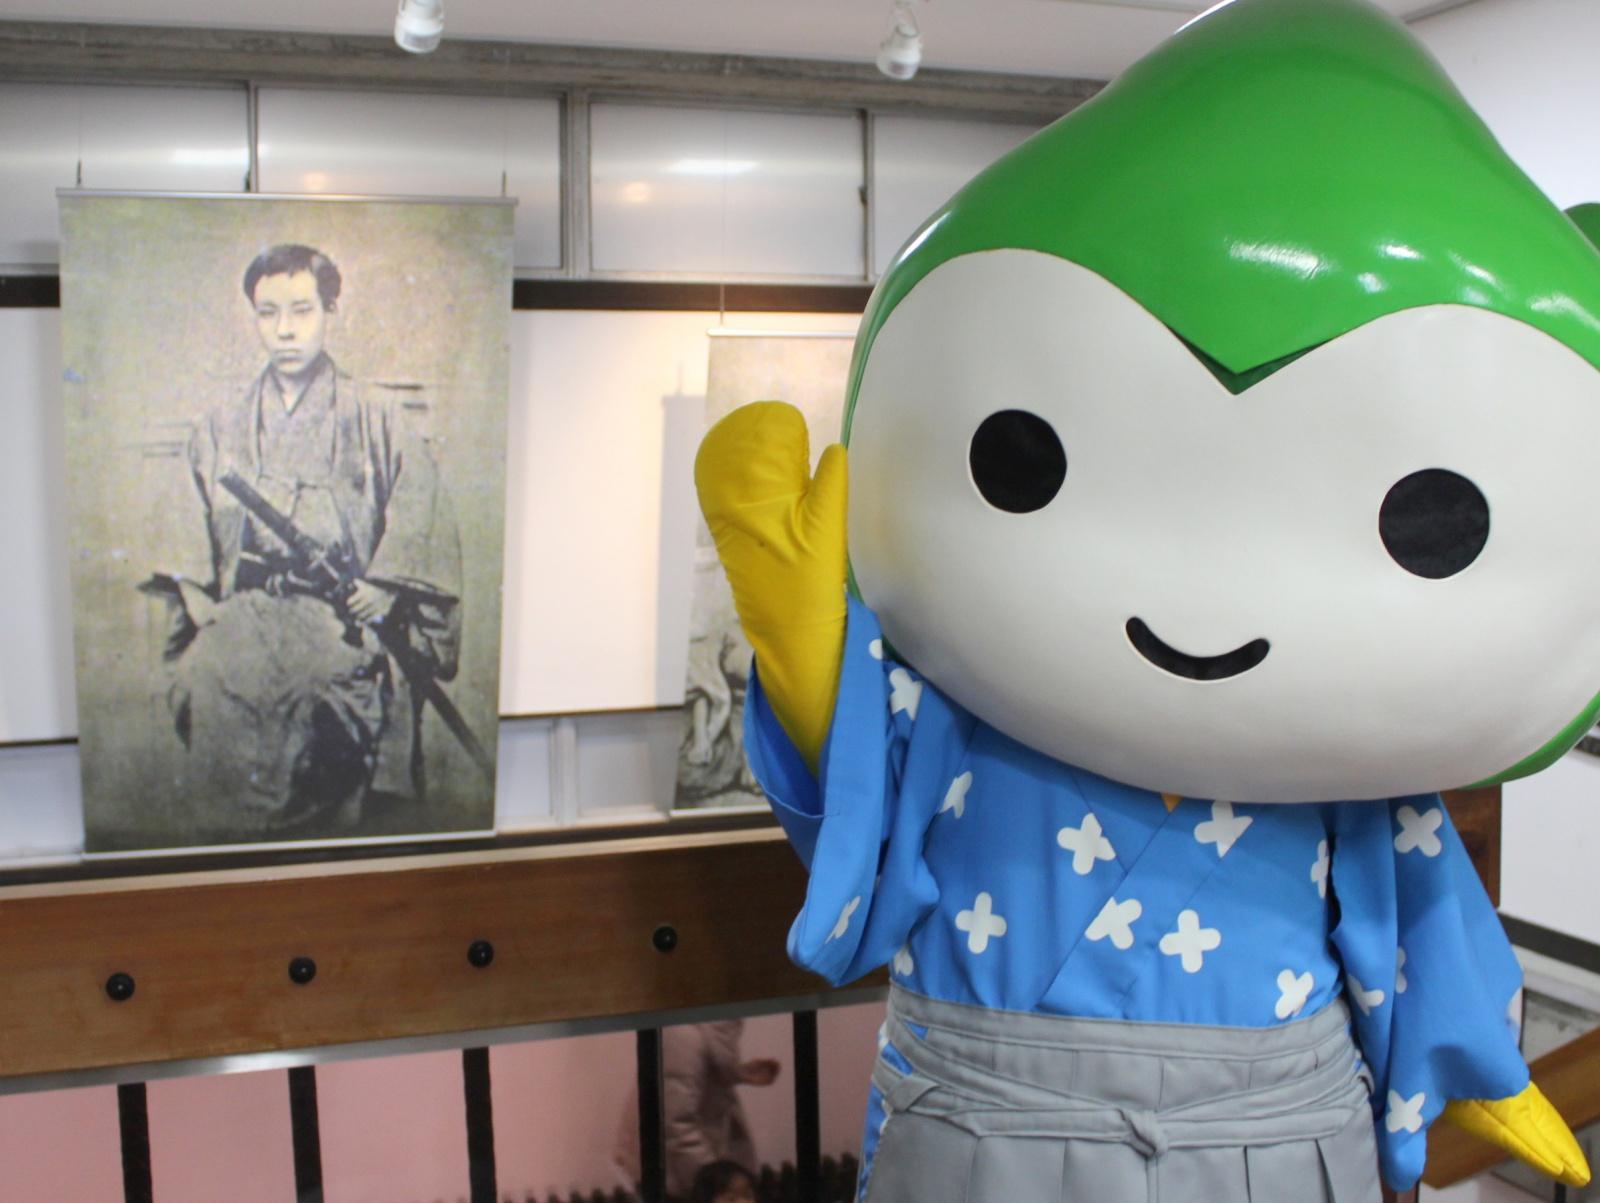 2018年は明治維新150年!!下関市の高杉晋作ゆかりの地へ行ってきたよ☆彡